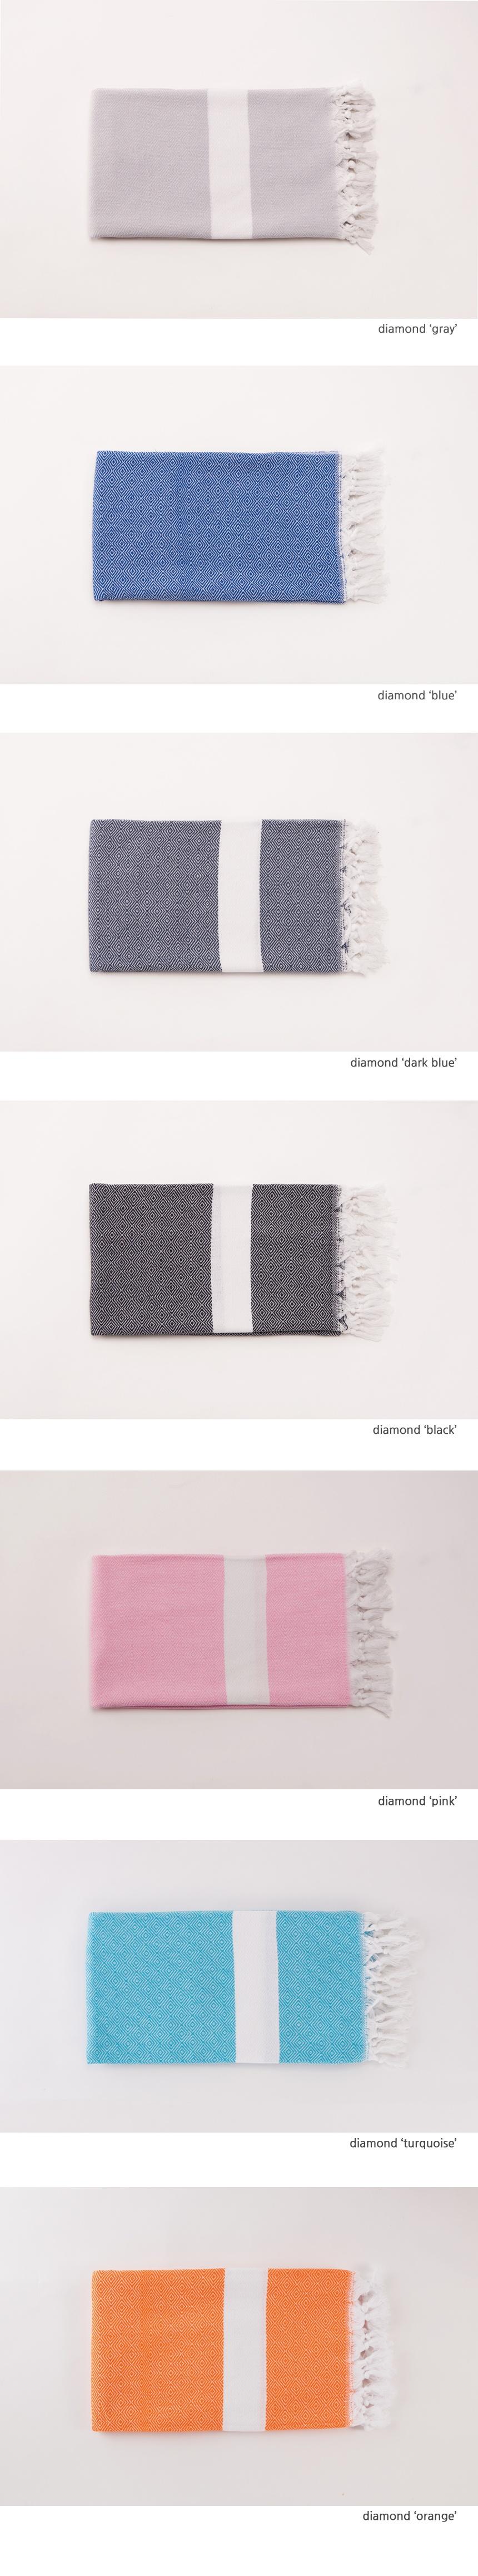 달(DAL) [樂.터키시 코튼 타월] 다이아몬드-오렌지